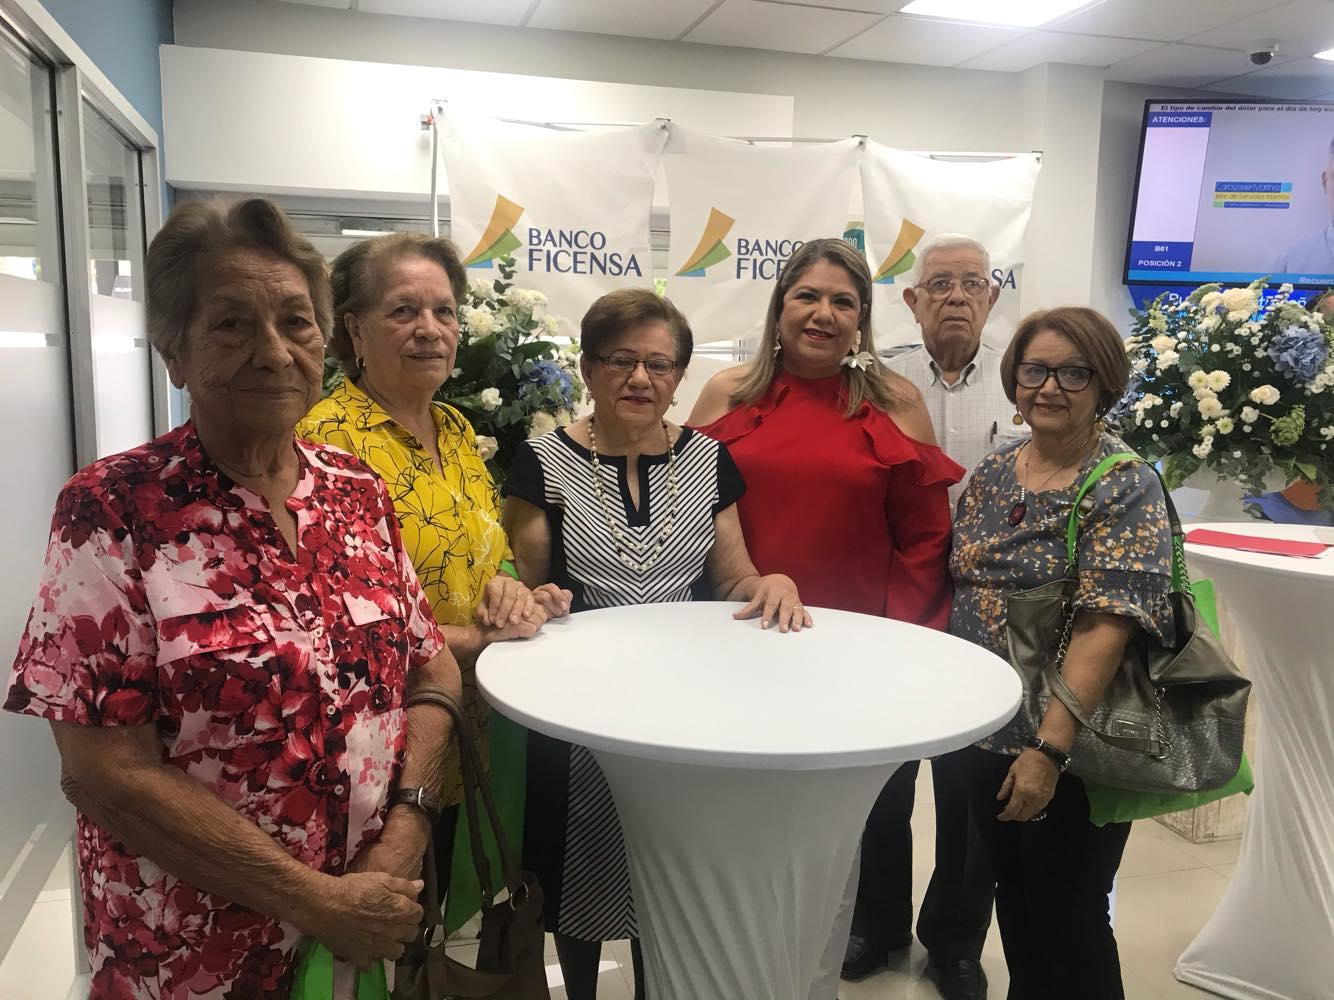 Banco Ficensa abre nueva agencia en la ciudad de El Progreso